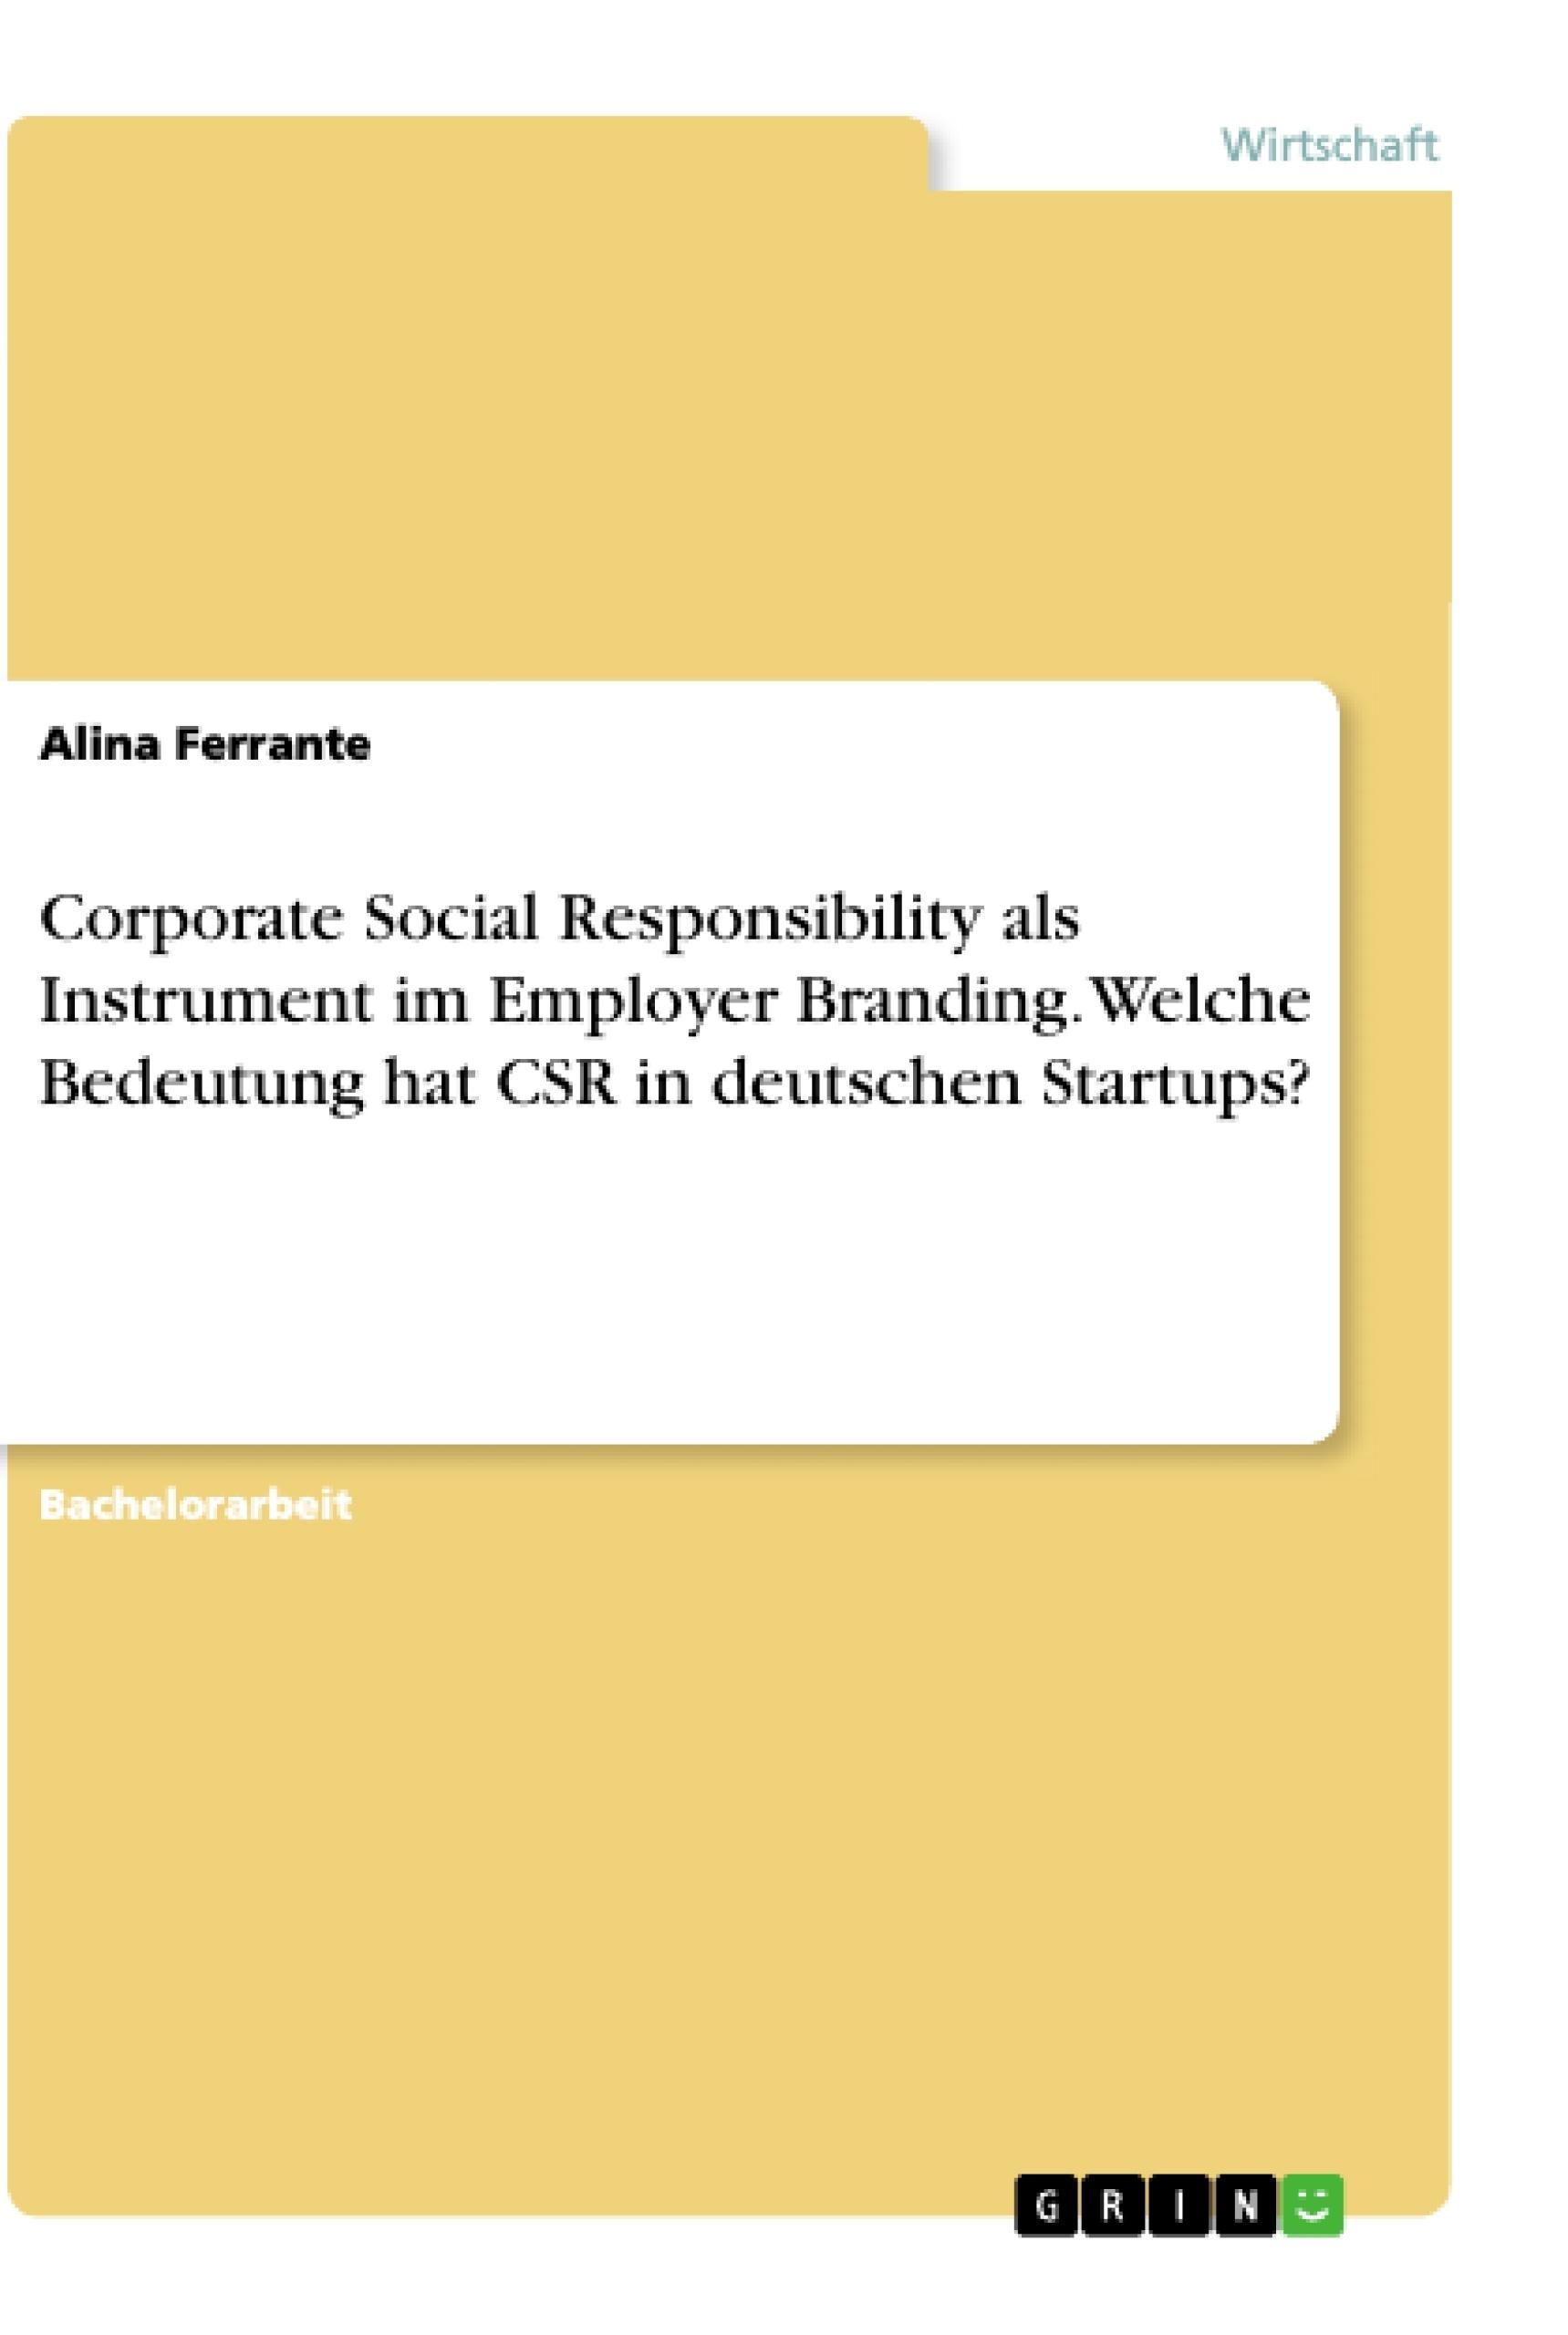 Titel: Corporate Social Responsibility als Instrument im Employer Branding. Welche Bedeutung hat CSR in deutschen Startups?